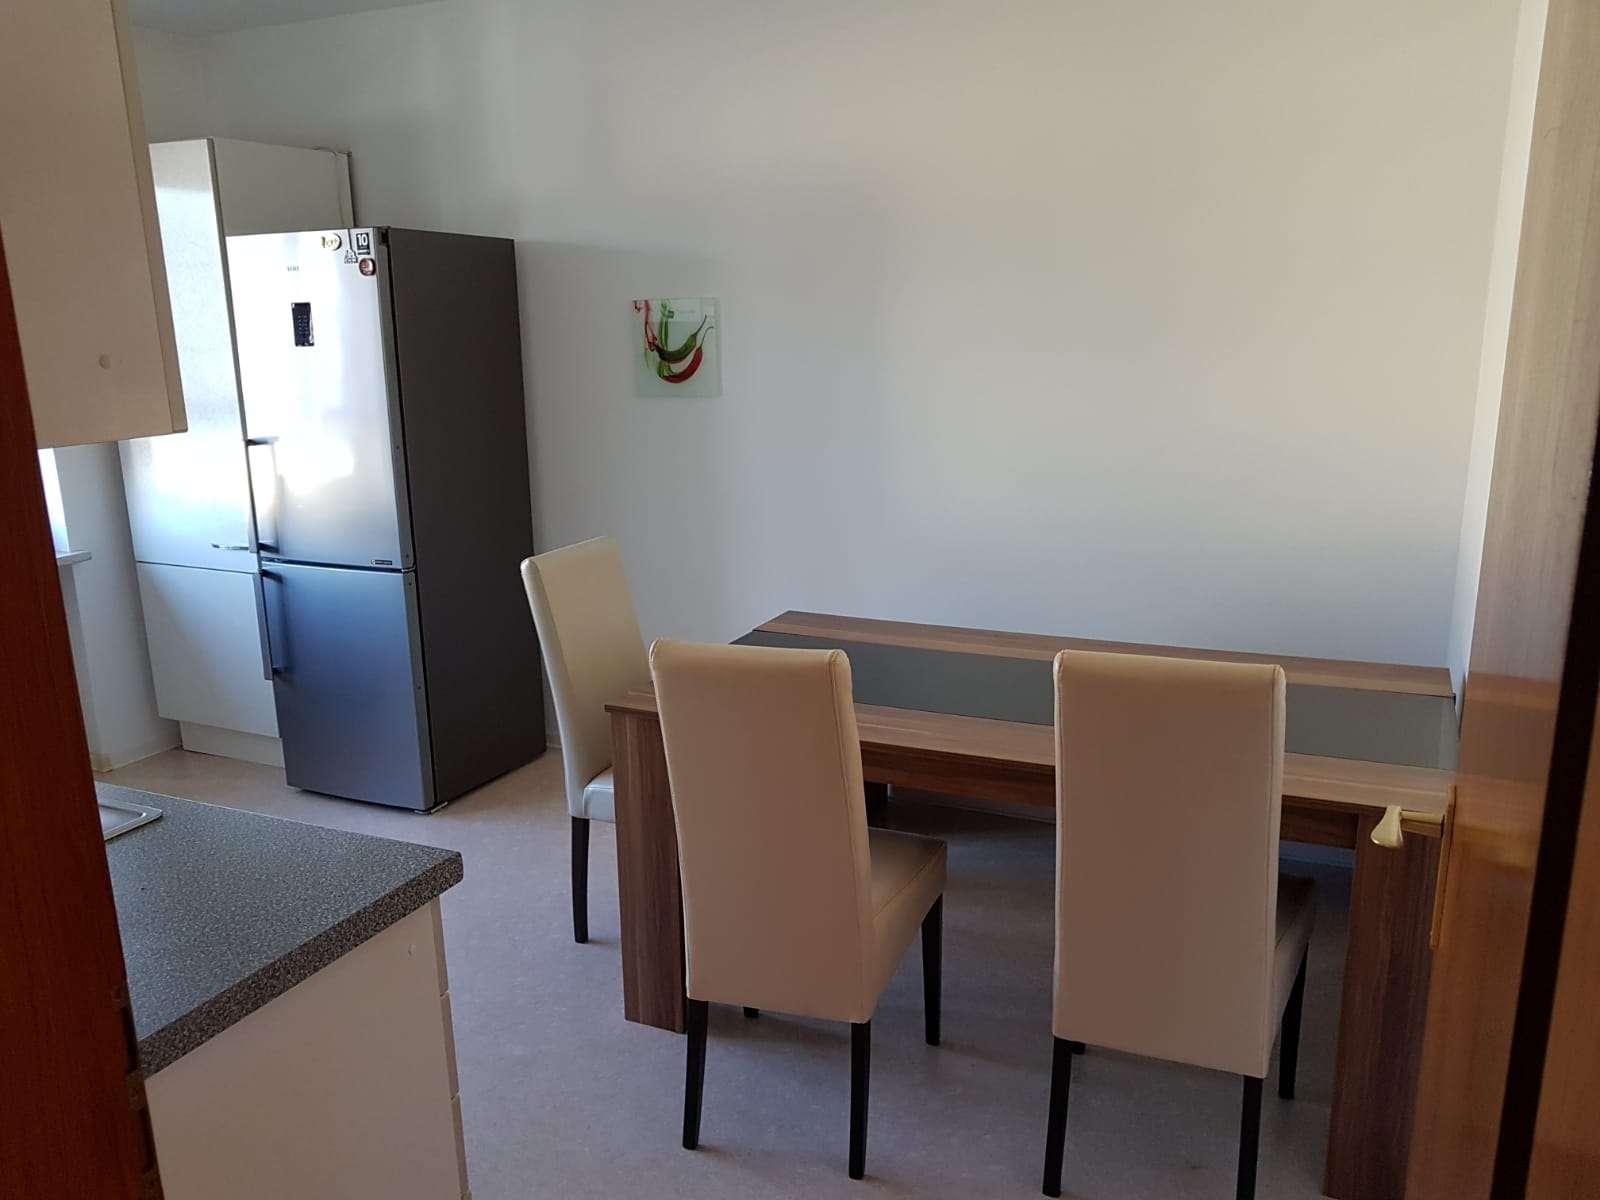 Schöne gepflegte 4-Zimmer-Wohnung mit Balkon in Straubing-Ittlling in Haid (Straubing)